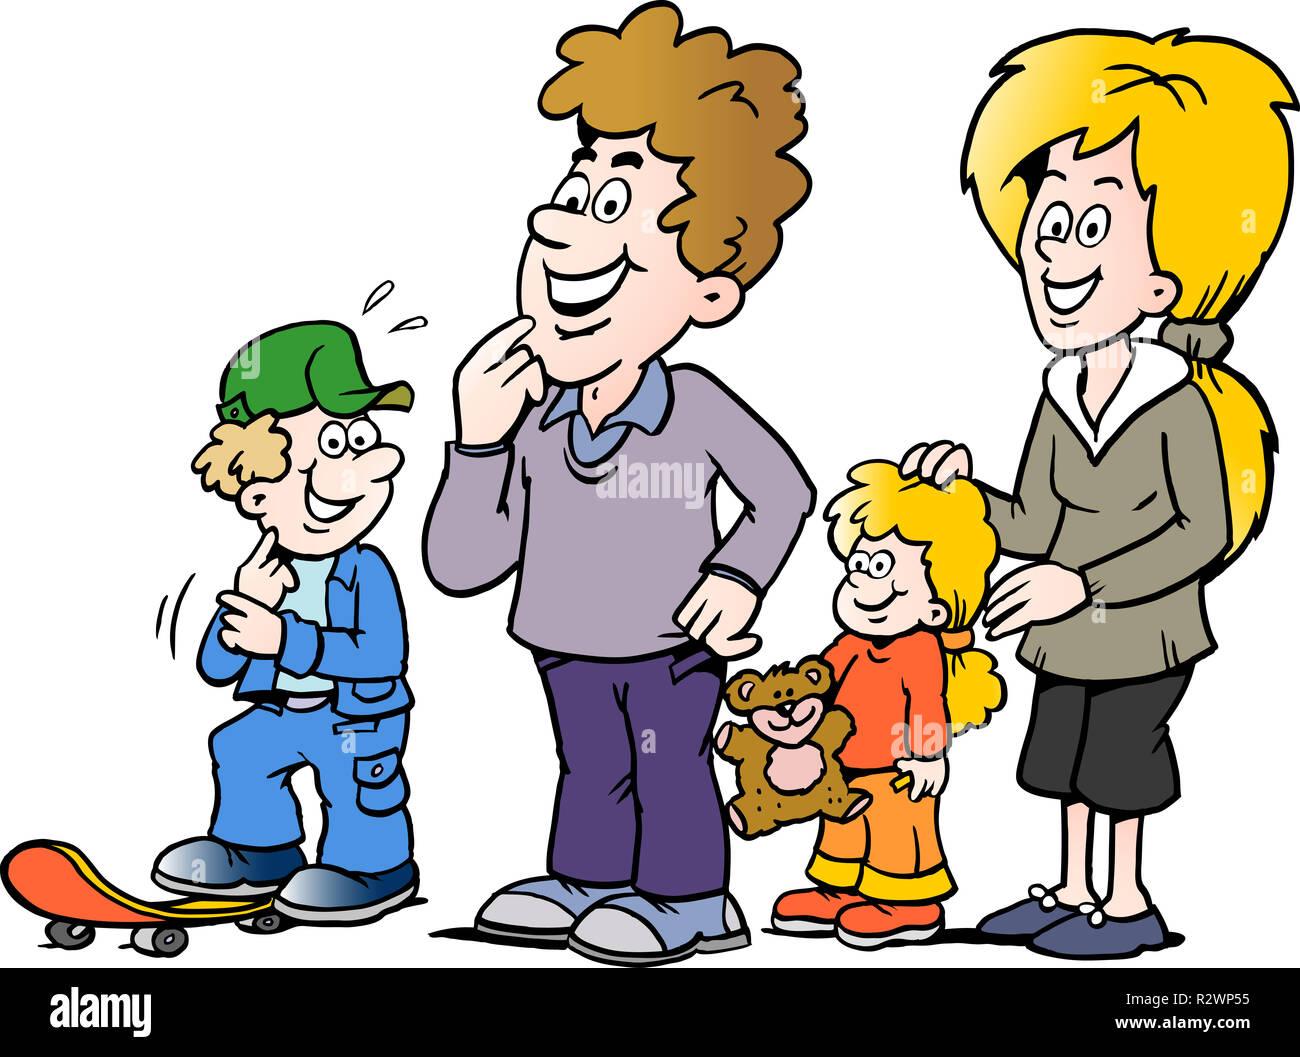 Ilustración Vectorial De Dibujos Animados De Una Familia Feliz Foto